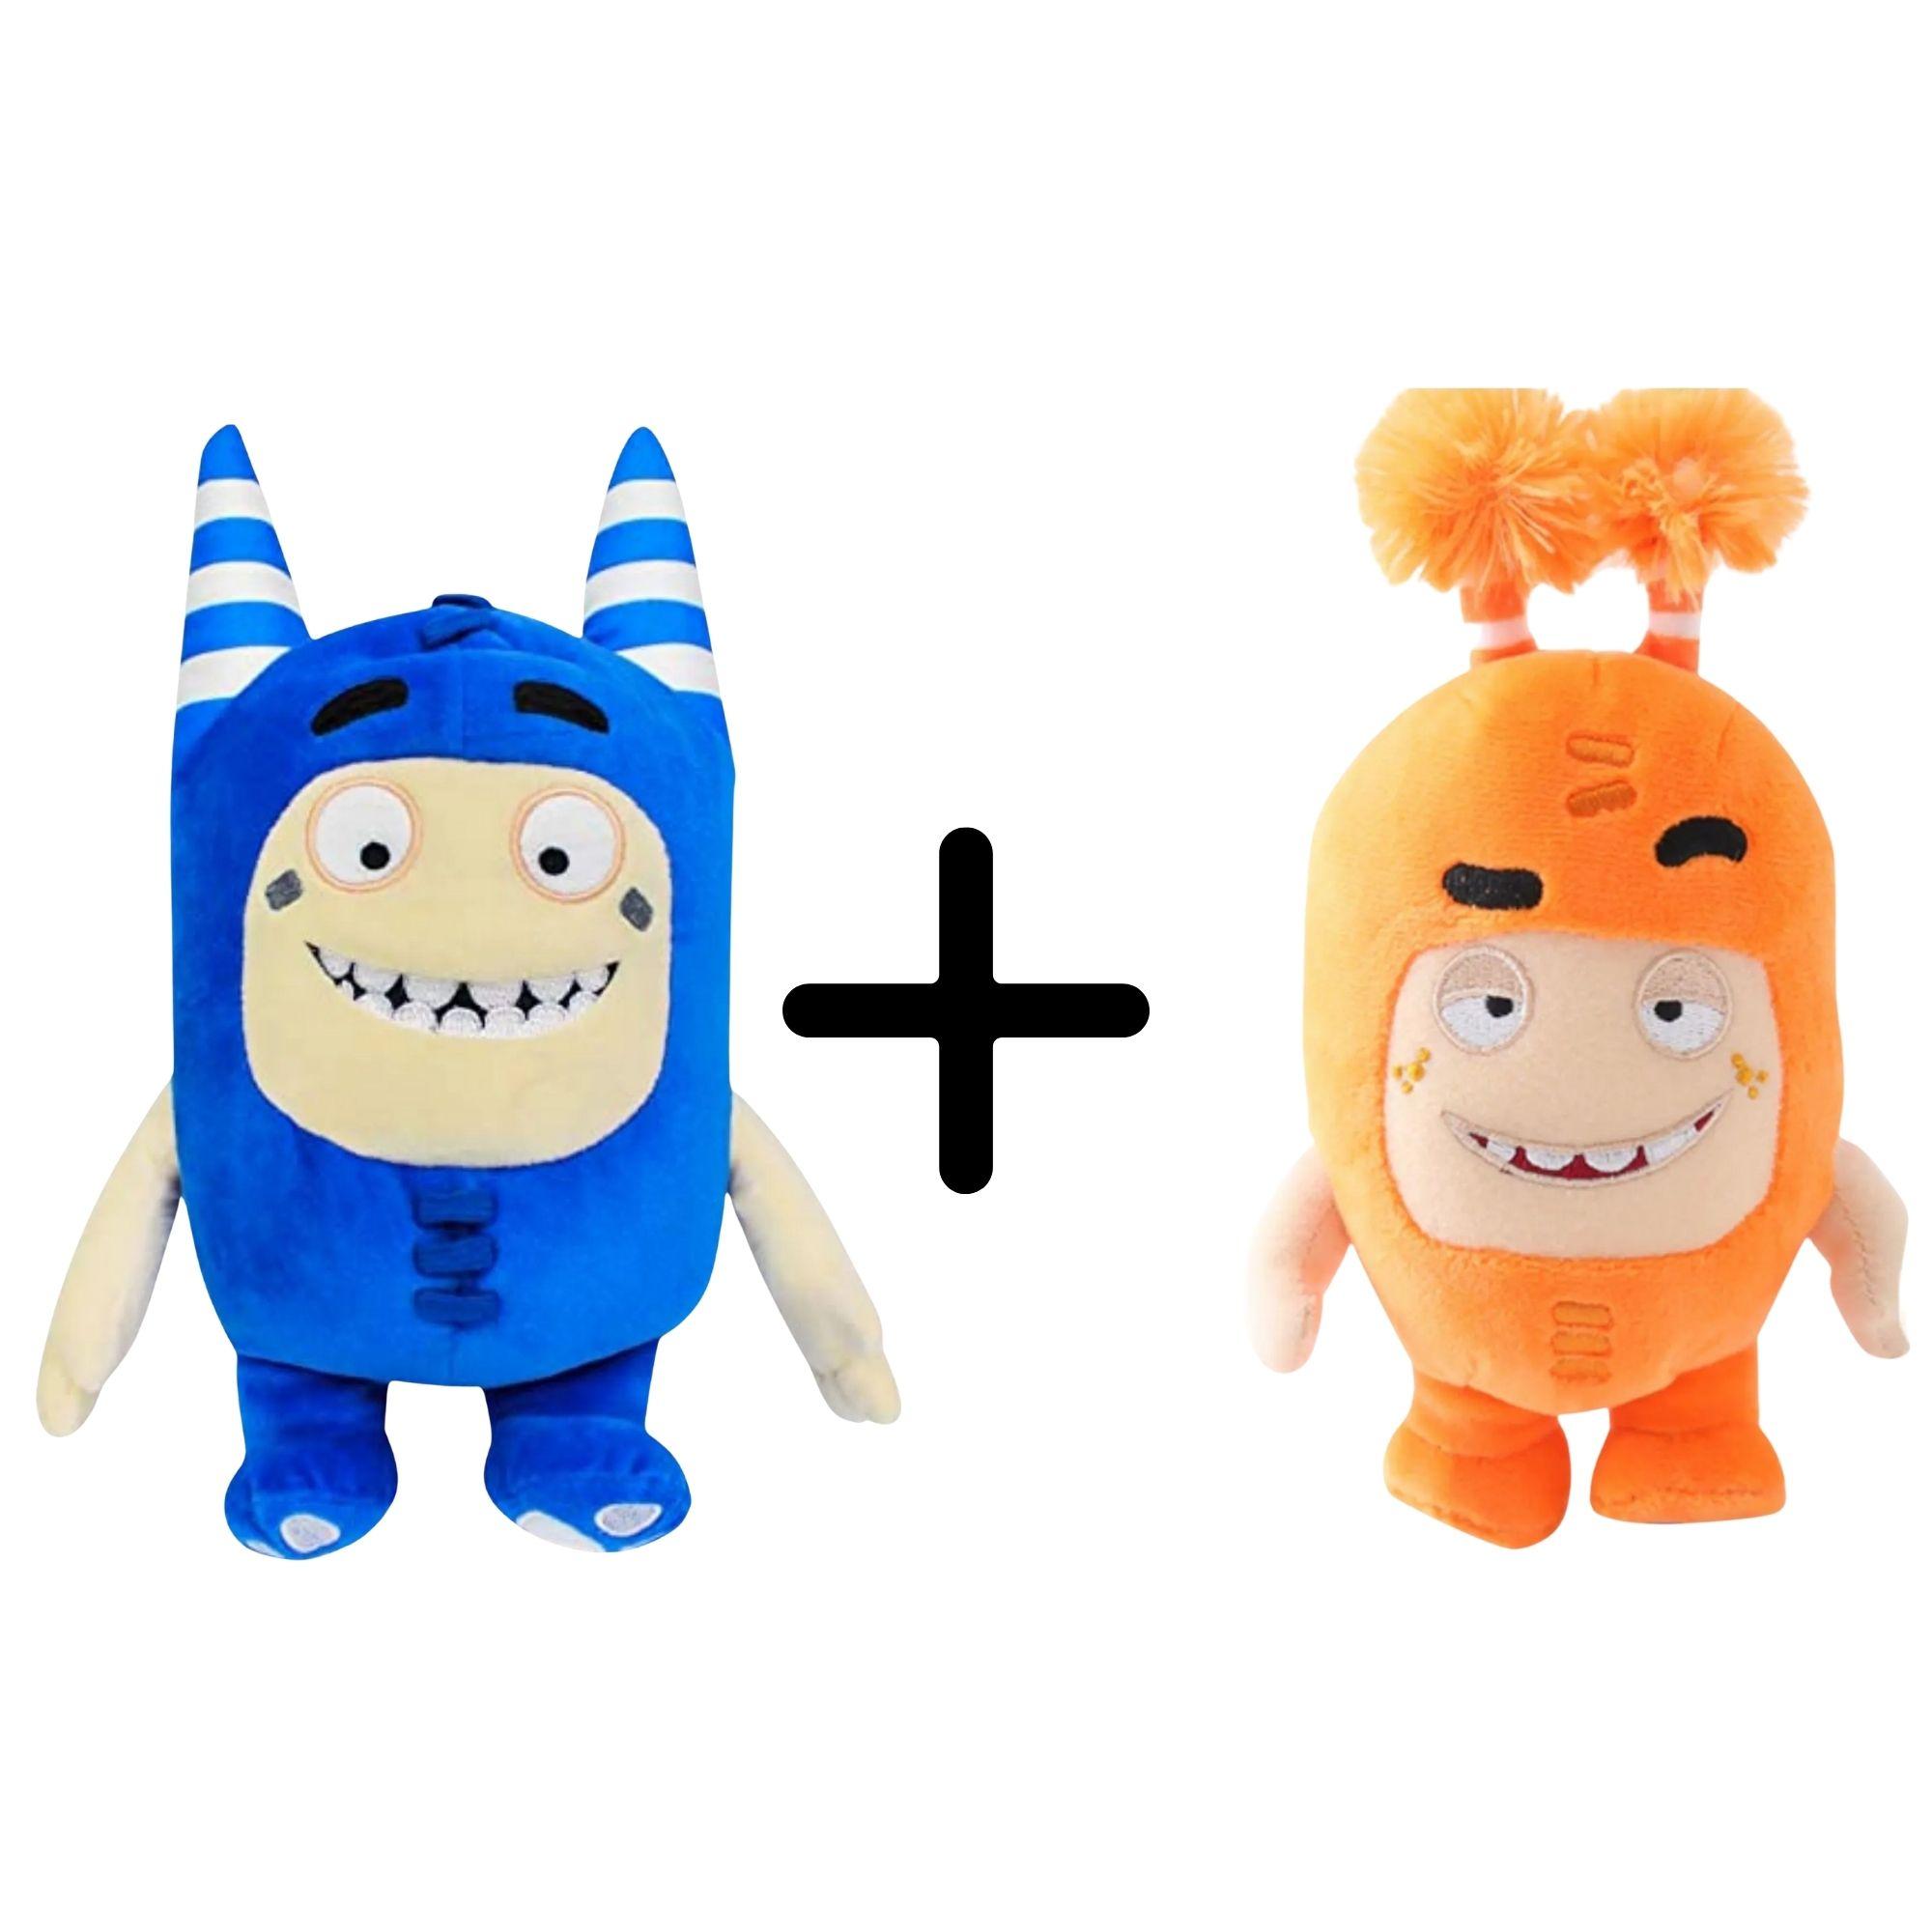 Kit com 2 Bonecos de Pelúcia Oddbods - 1 Laranja e 1 Azul - Slick e Pogo  - Game Land Brinquedos